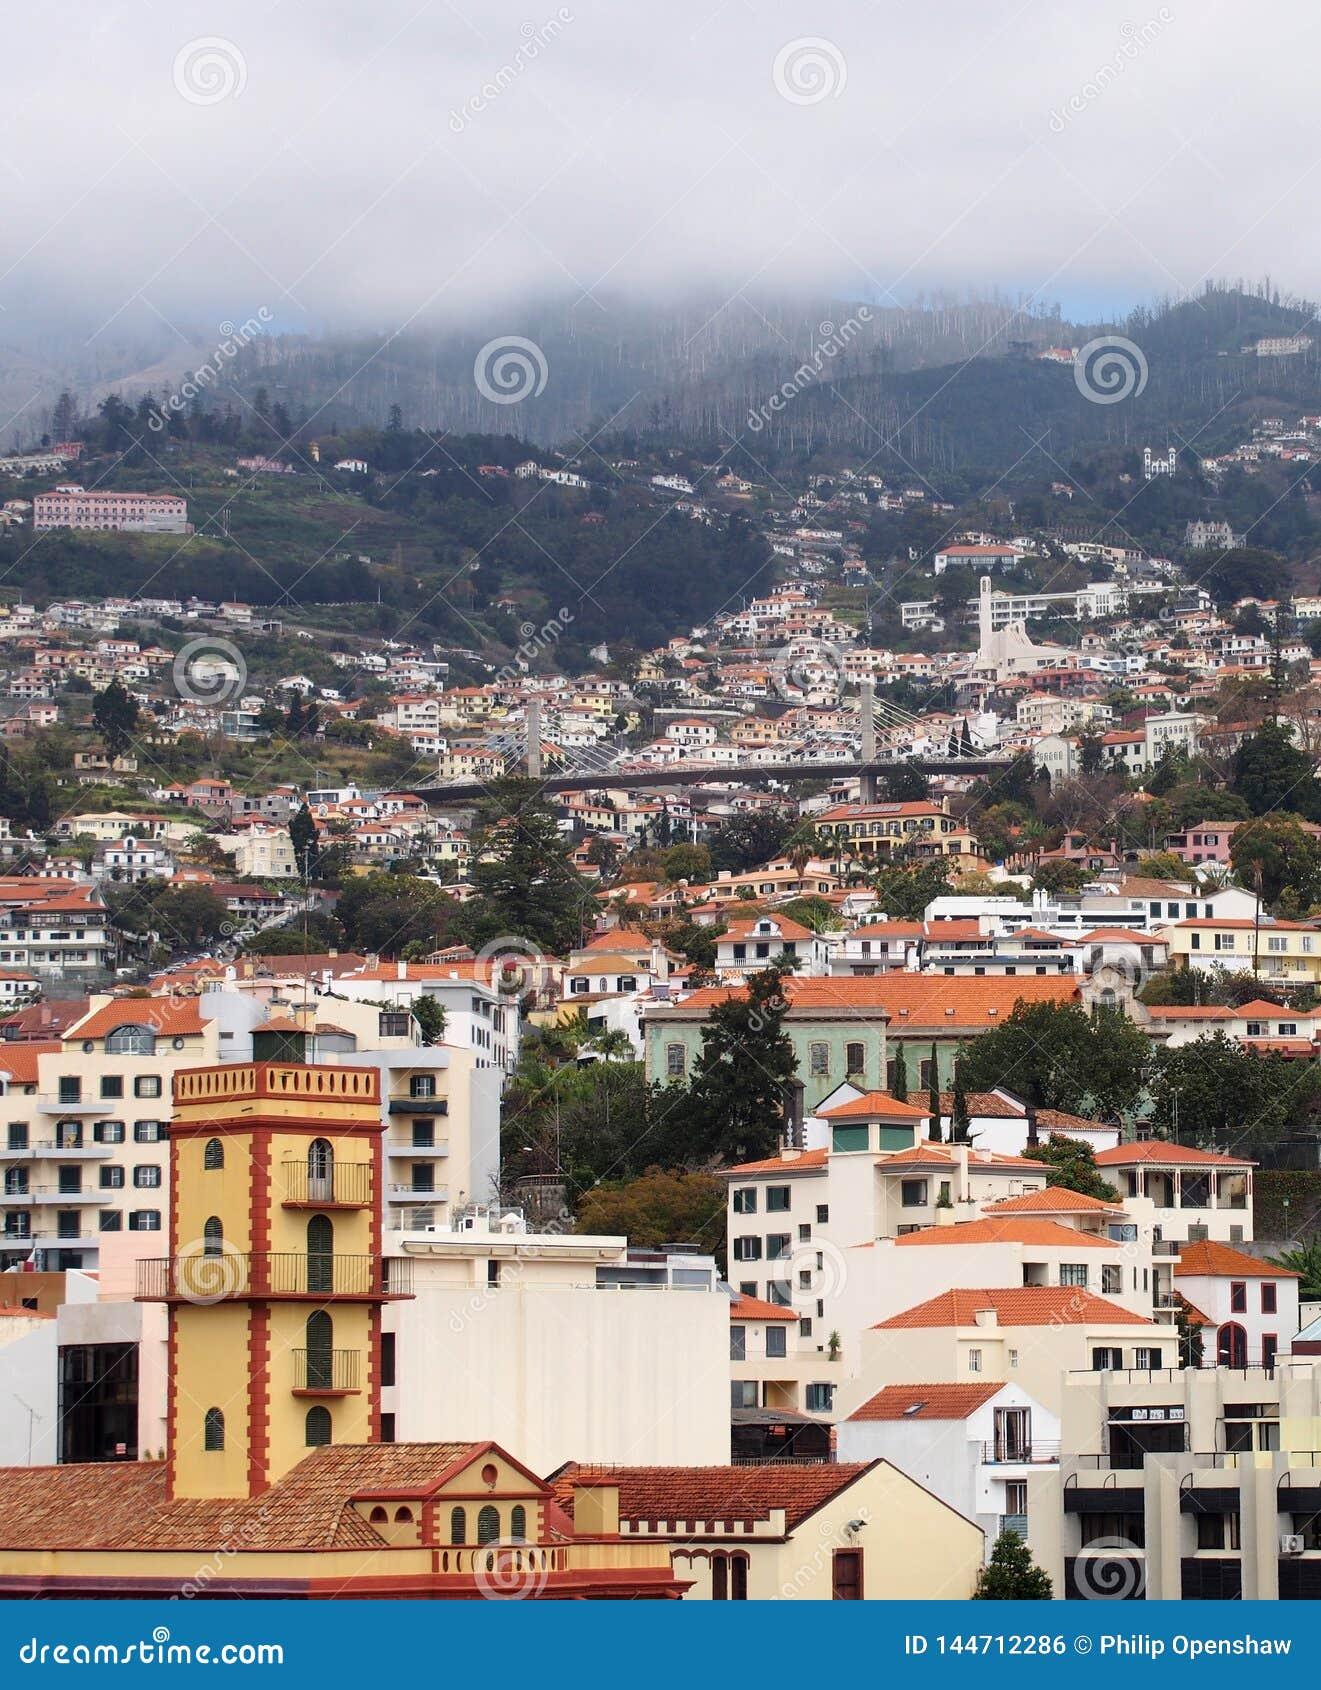 Vista della città di Funchal in Madera con la vecchie chiesa e case con il ponte e le montagne della strada nella distanza